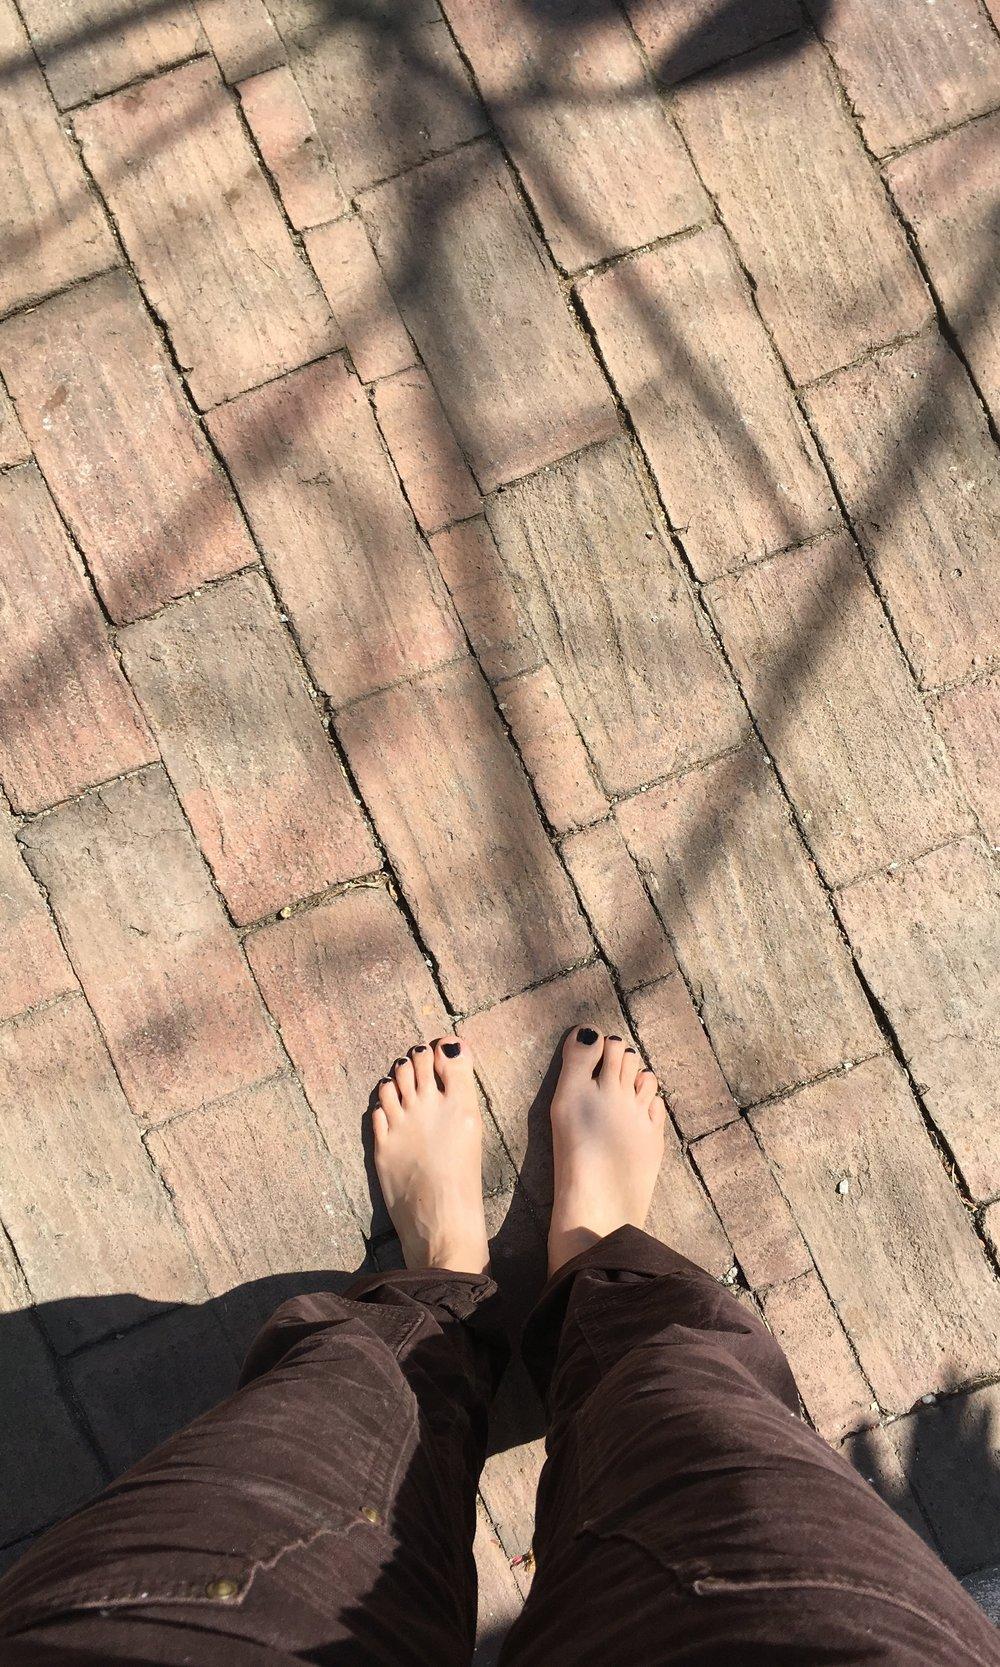 working on my feet tan